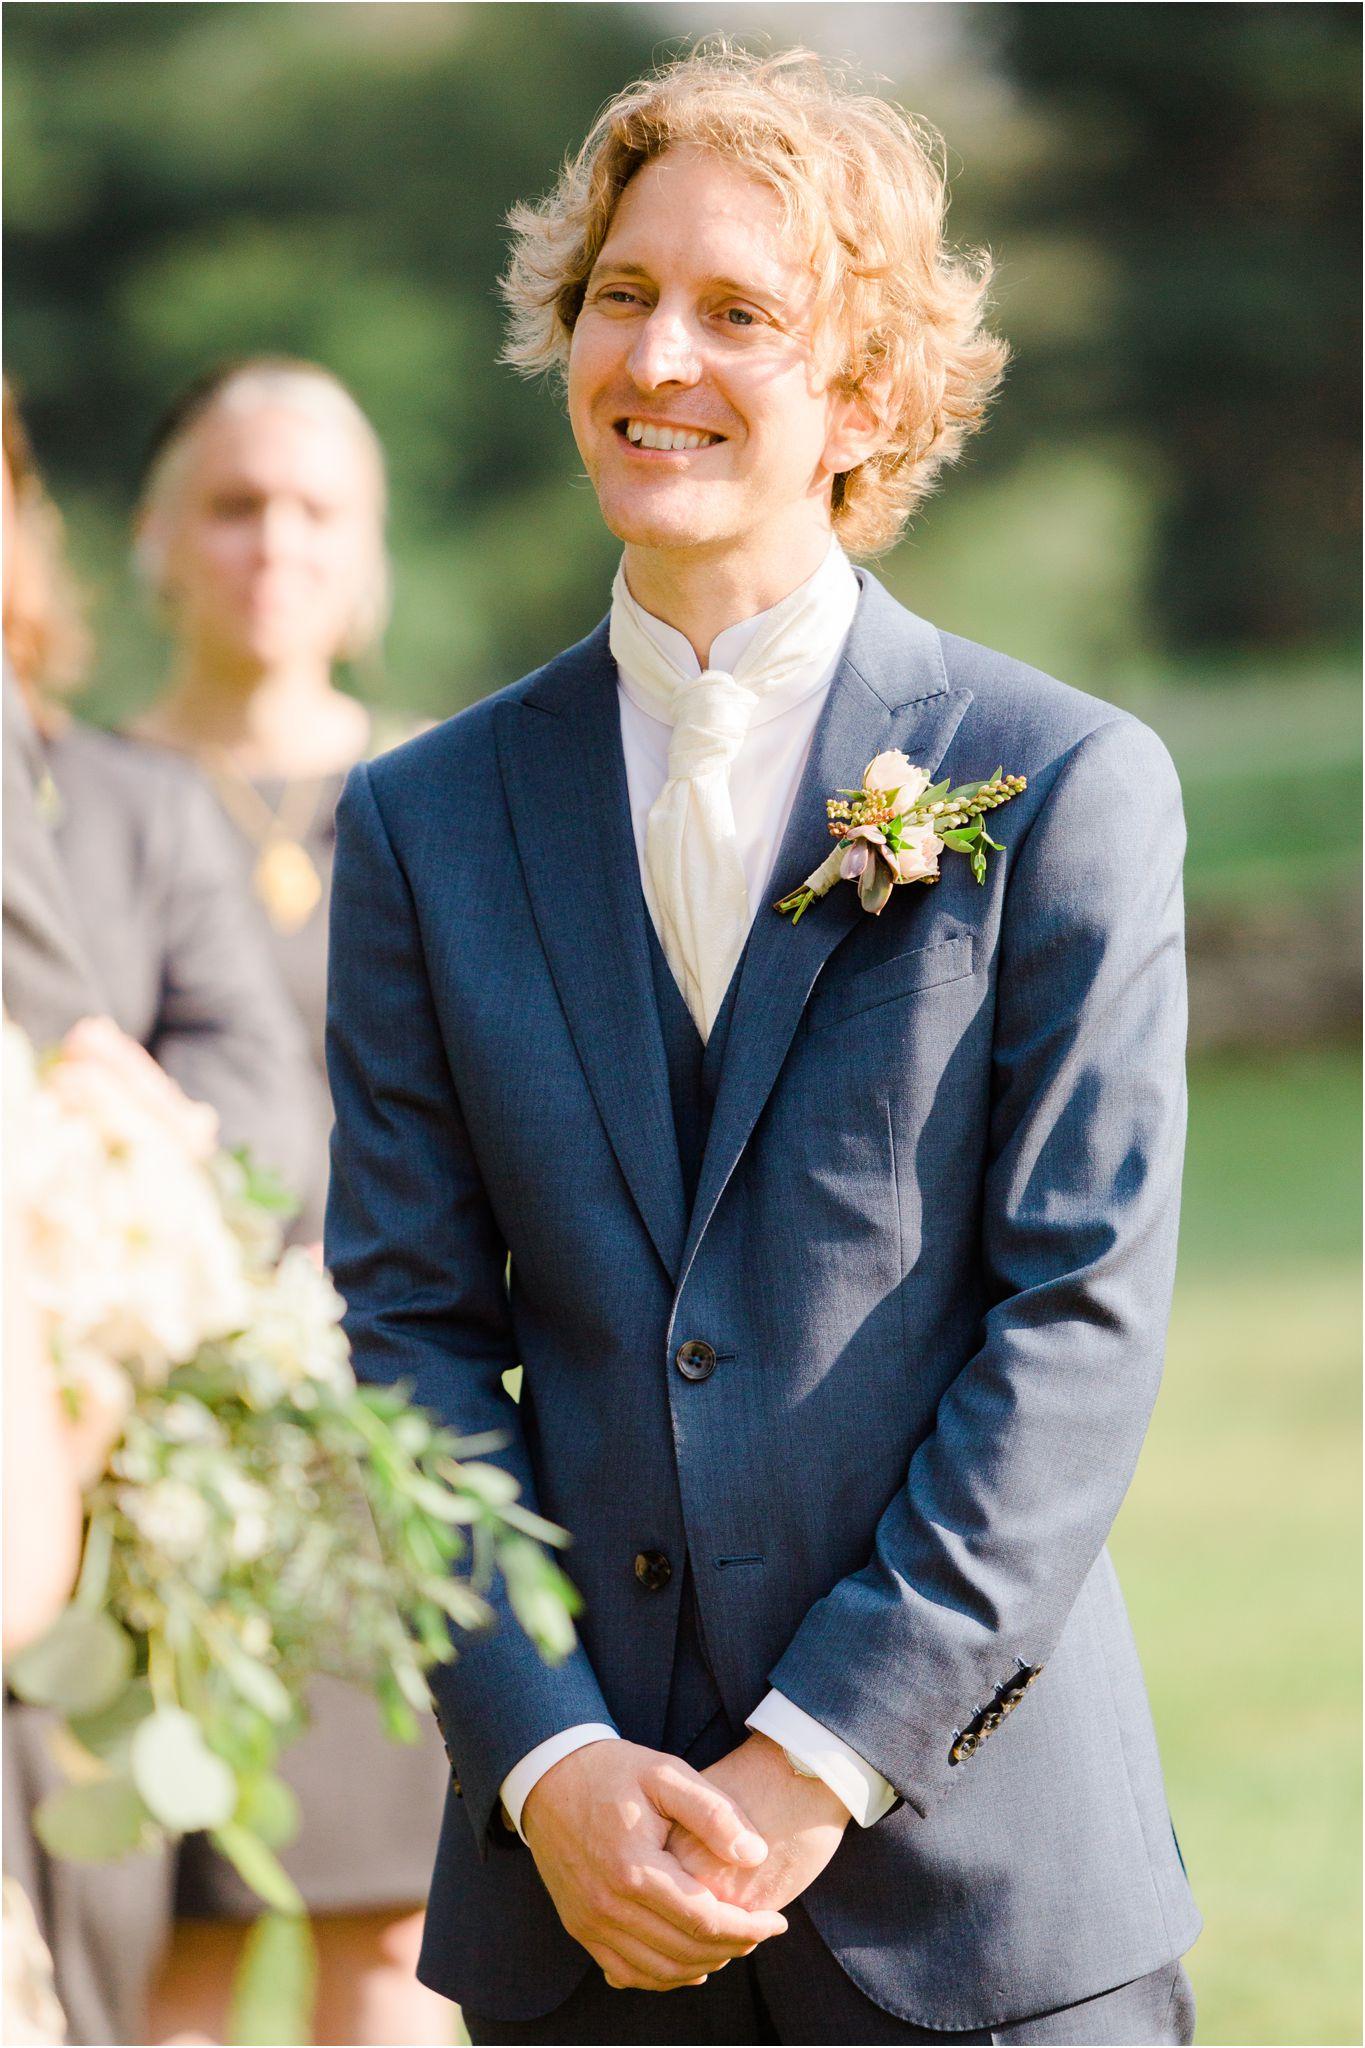 private-estate-wedding-hamilton-photos_00021.JPG